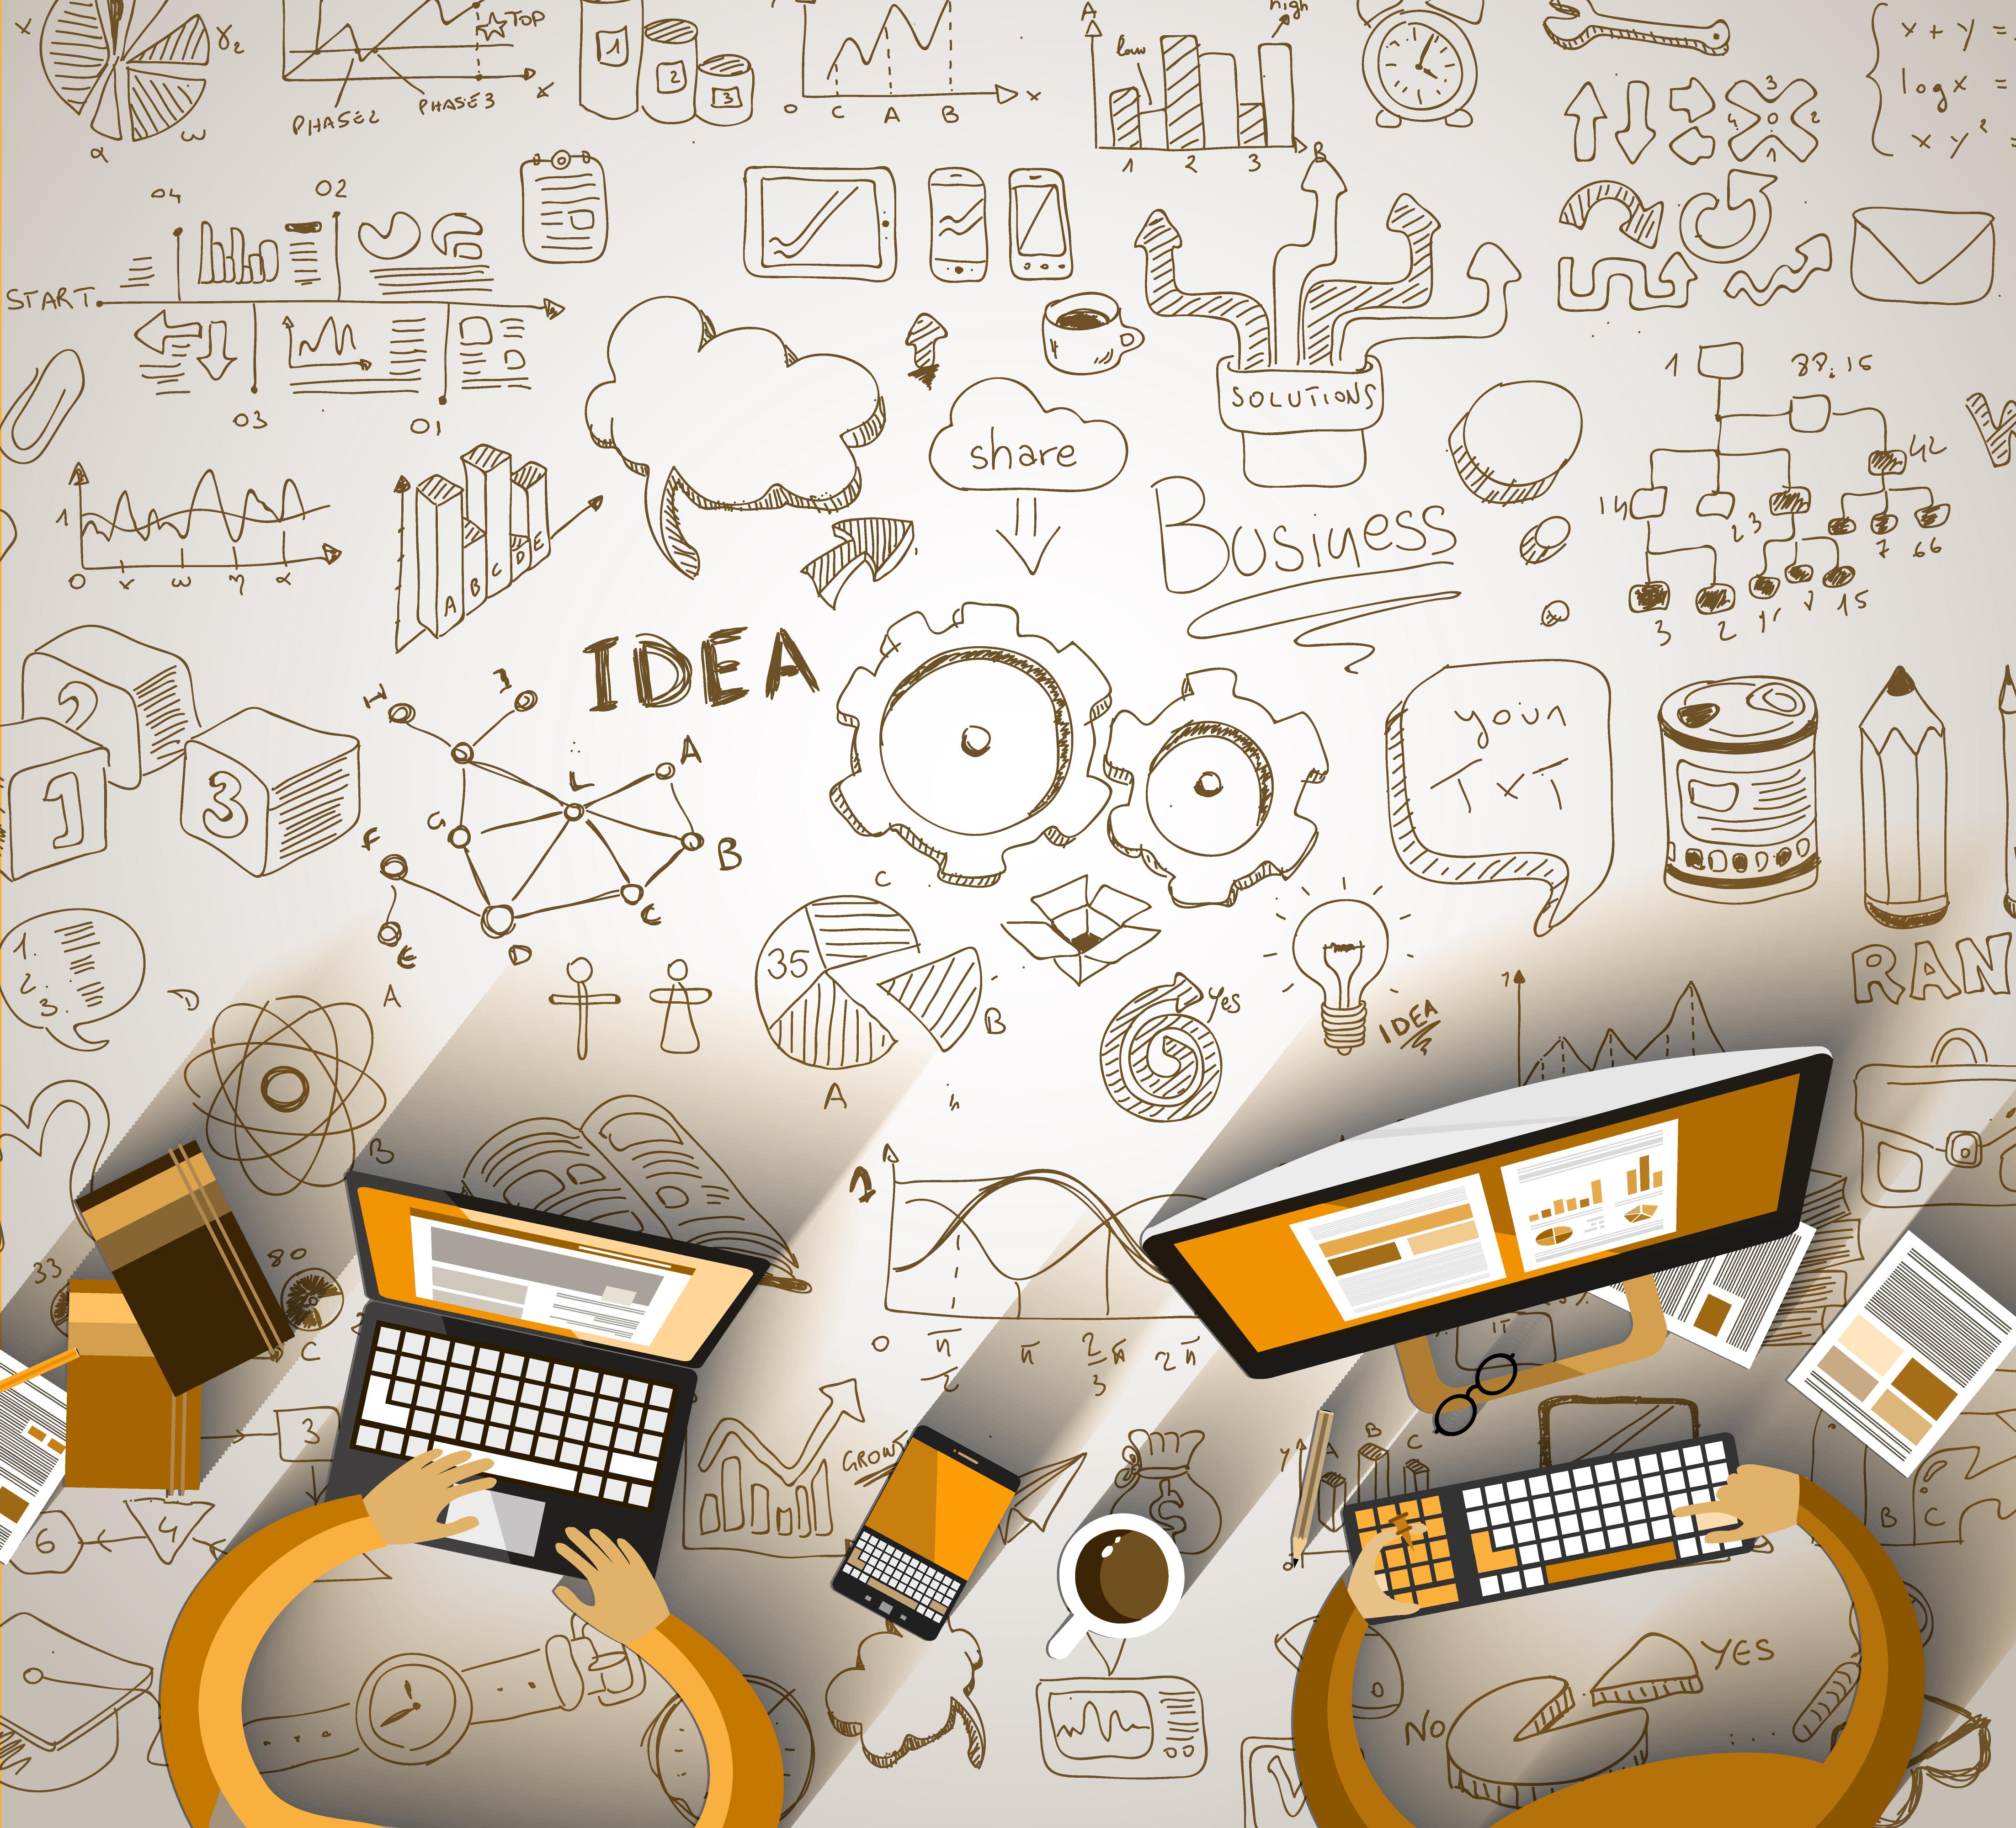 Innovación la clave del éxito para el crecimiento_imgdest